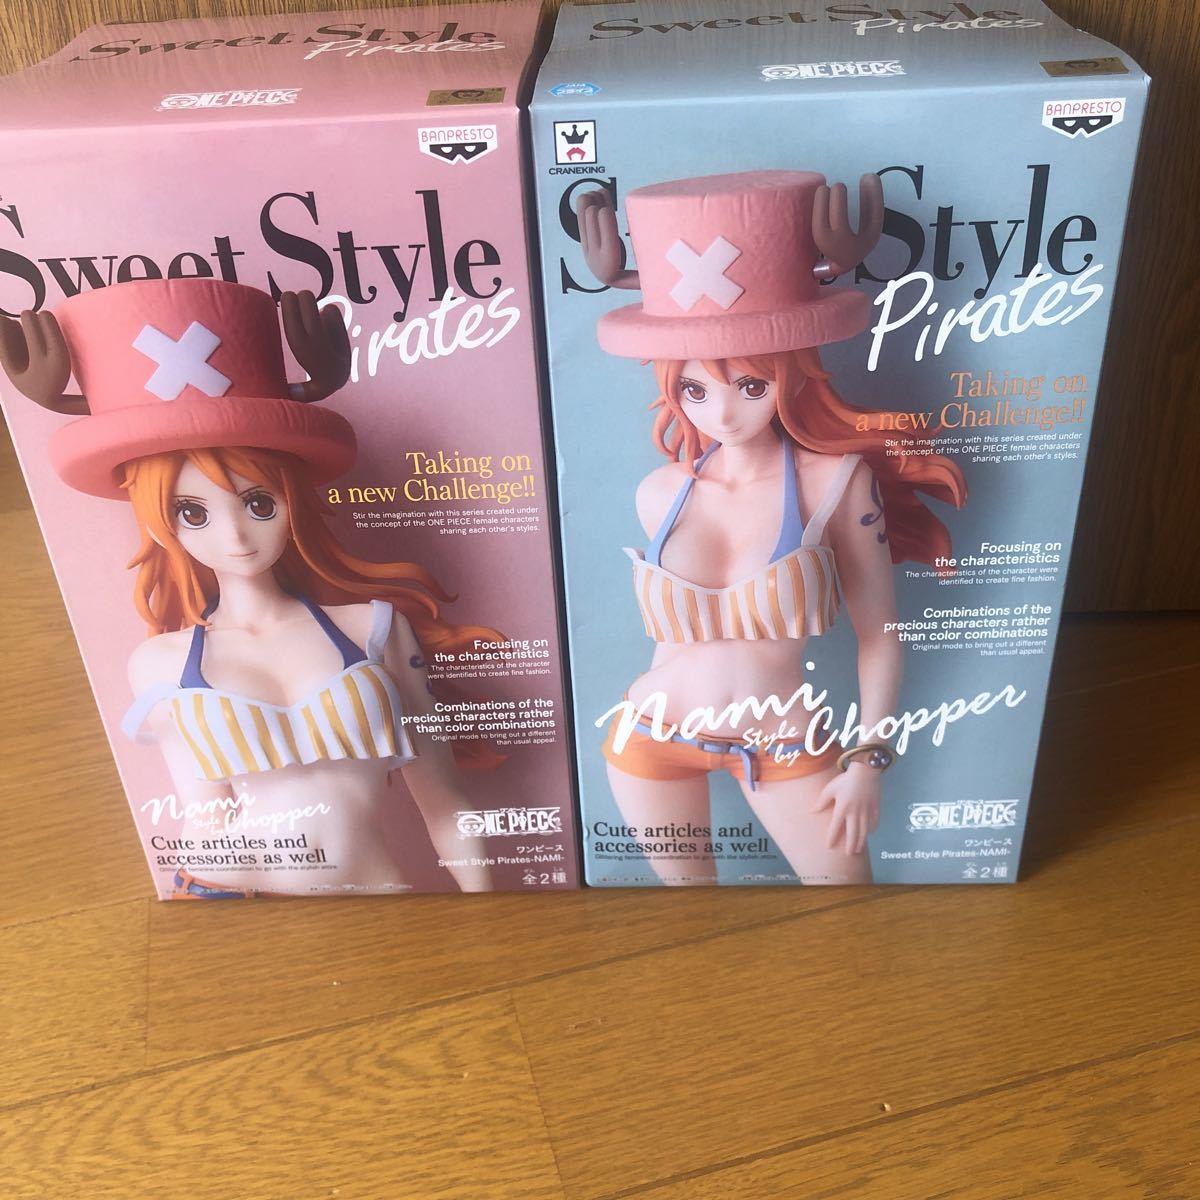 新品未開封!ワンピース Sweet Style Pirates  NAMI Aカラー Bカラー  ナミ フィギュア 2種 セット  スイートスタイルパイレーツ